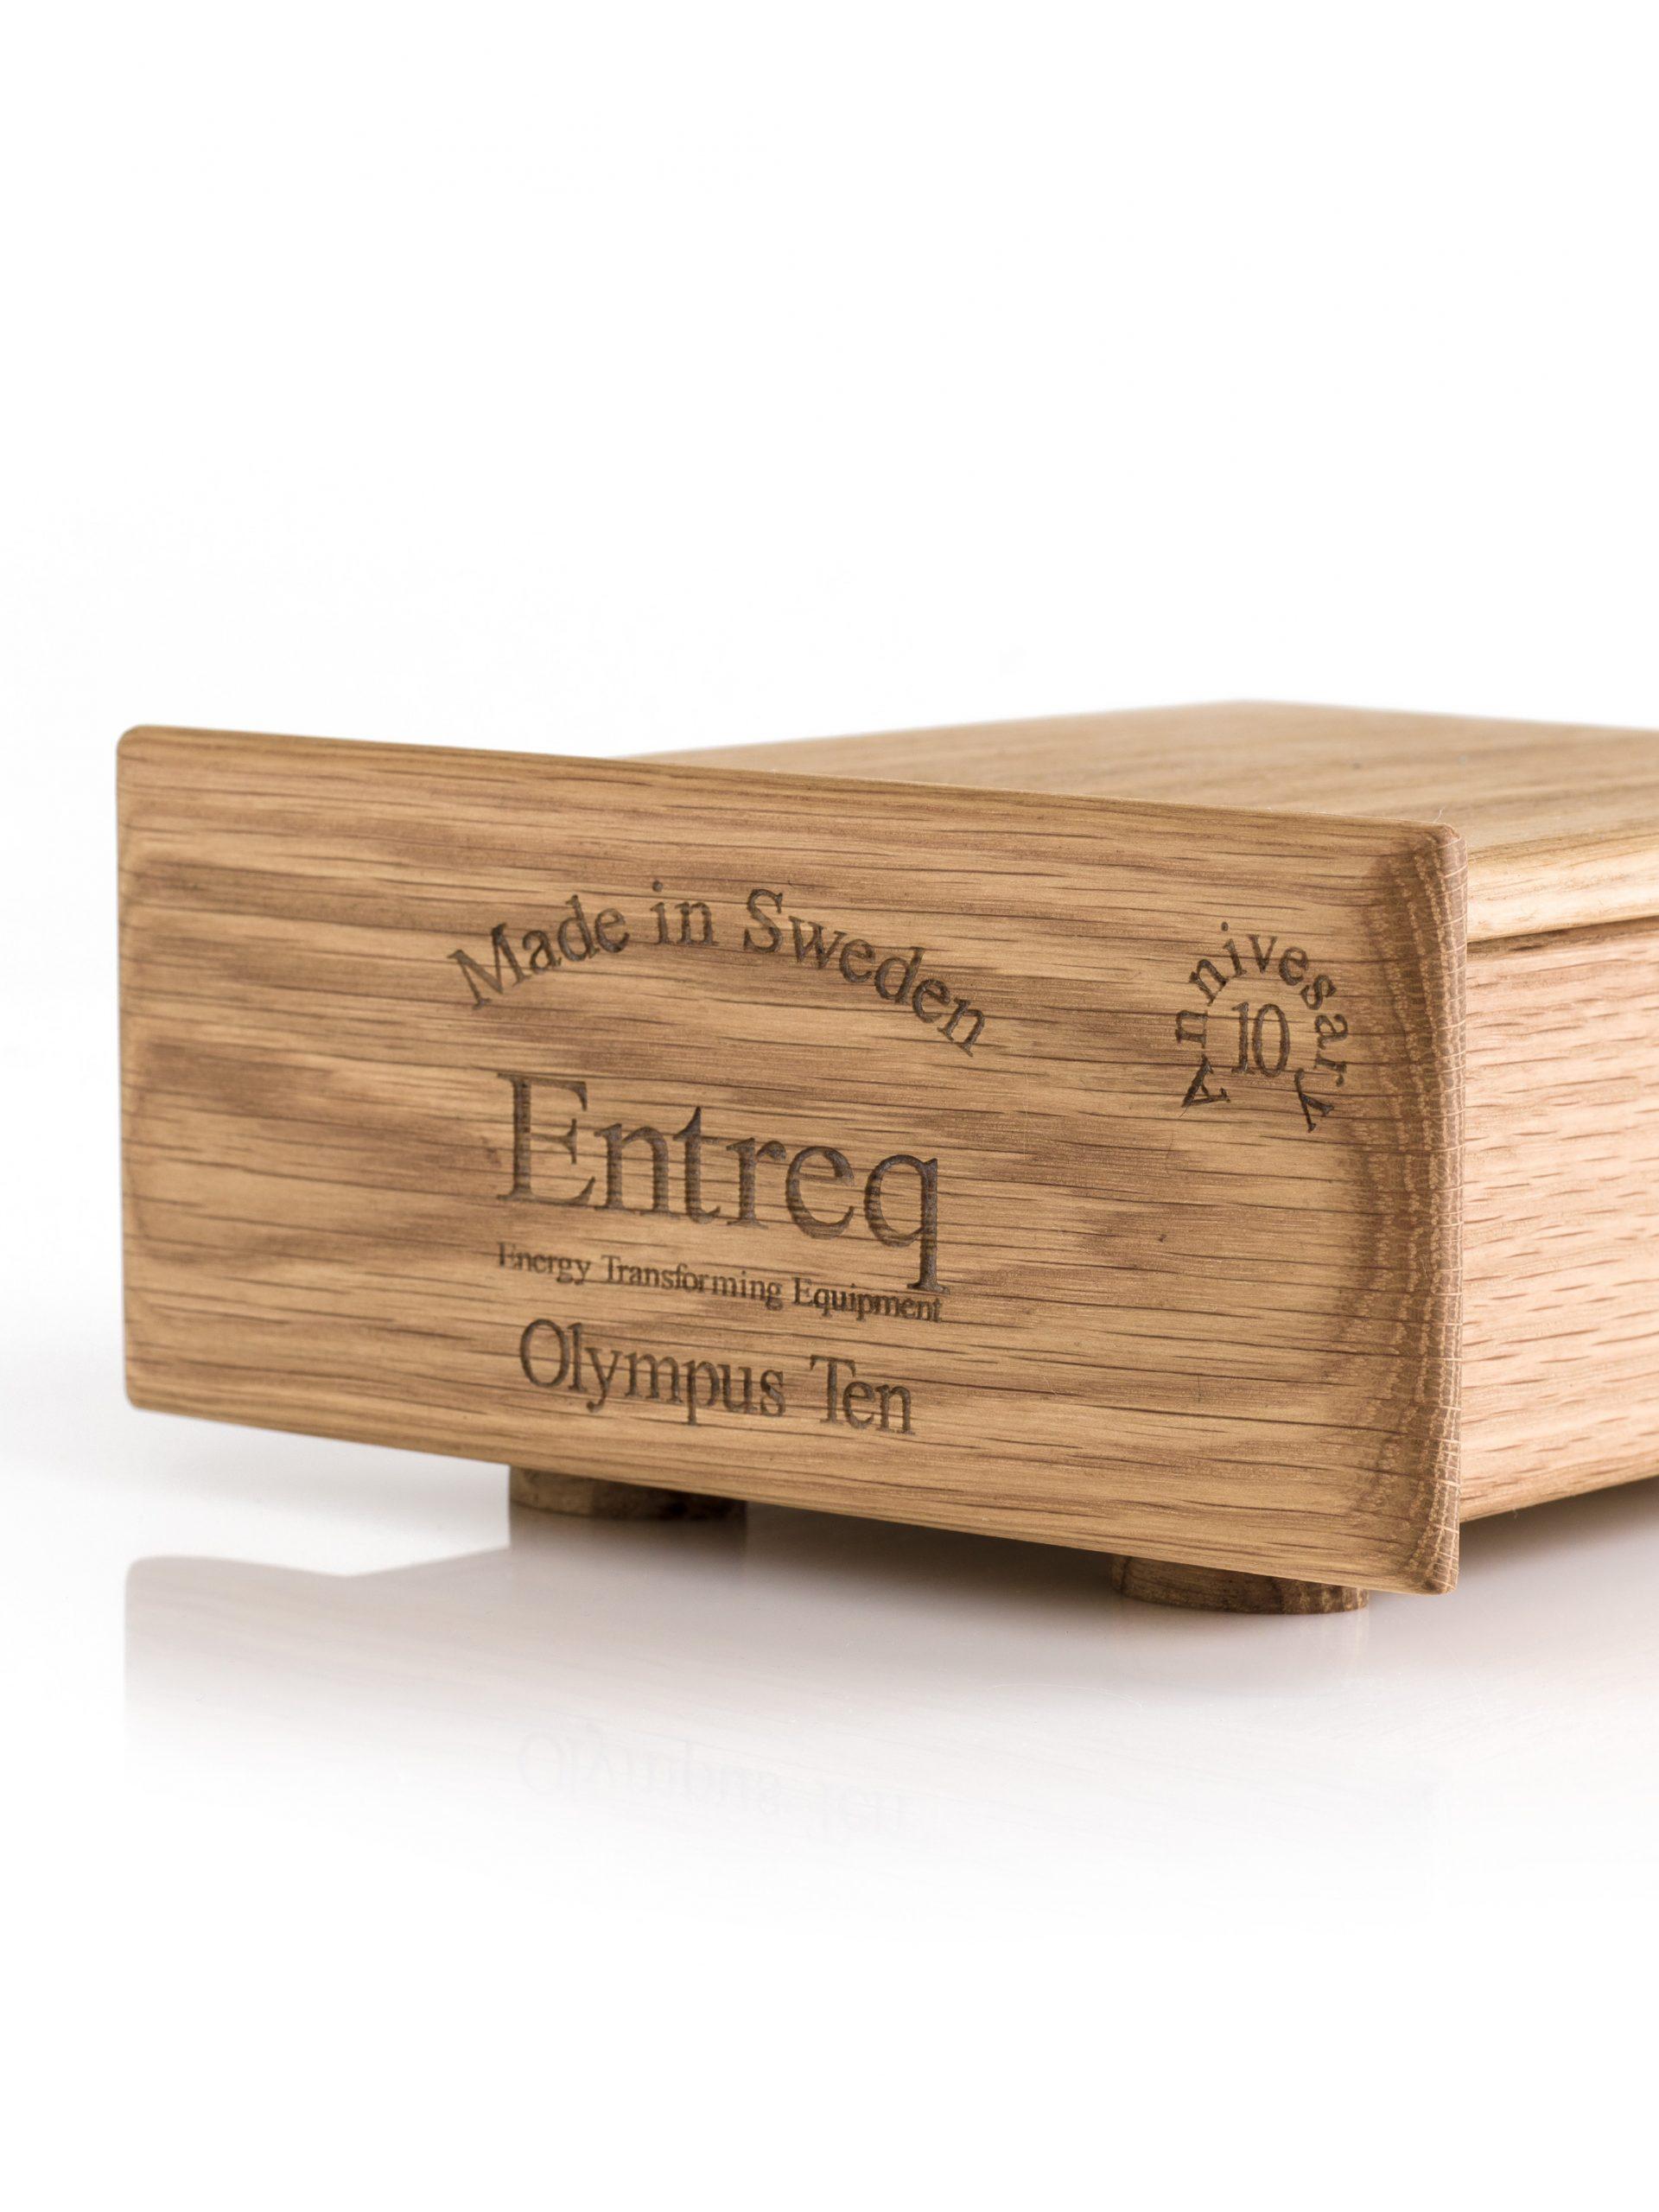 Entreq Olympus Ten